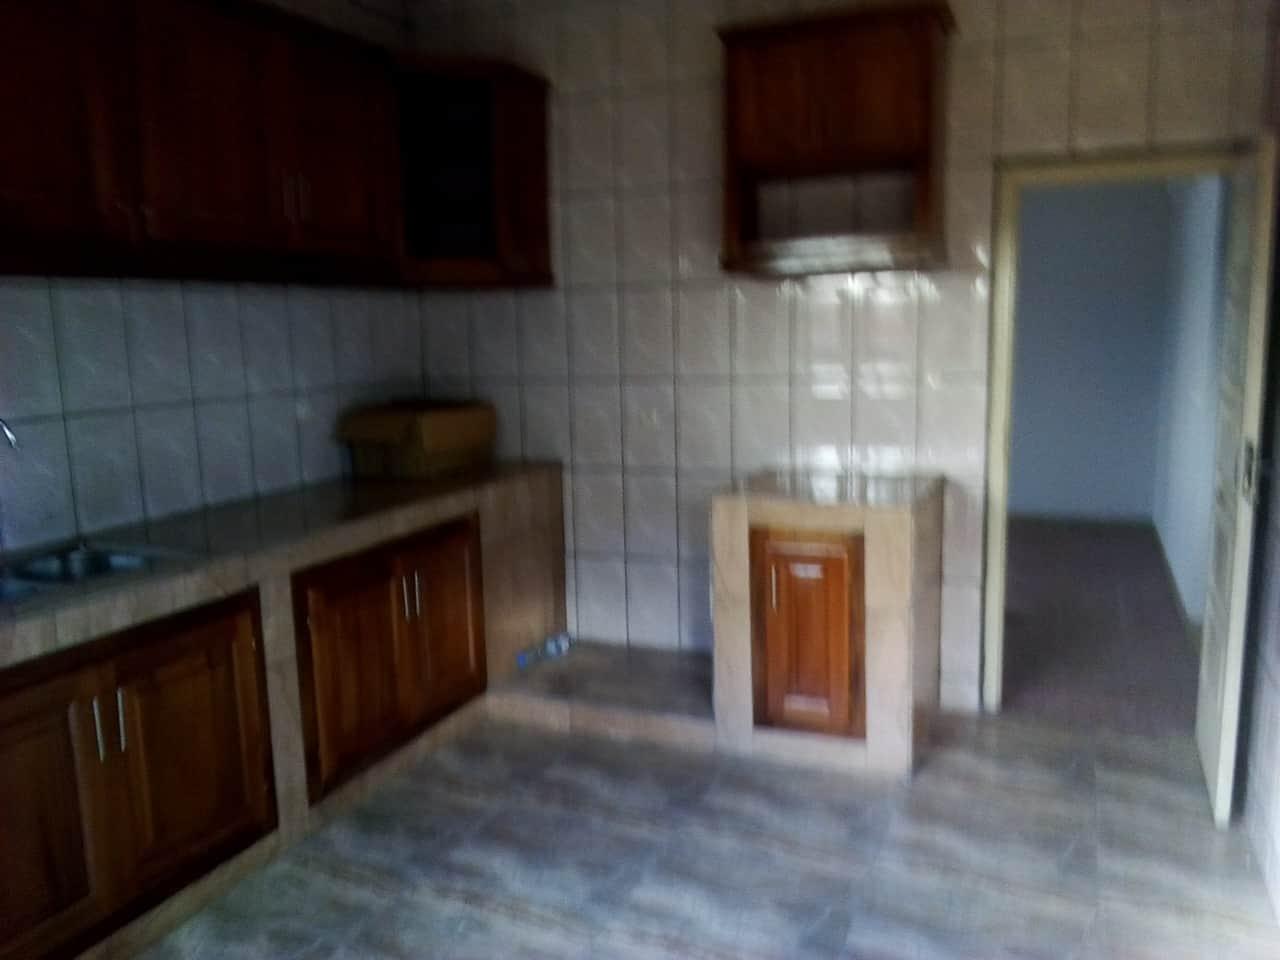 Bureau à louer à Yaoundé, Bastos, pas loin de la banque mondiale - 1500 m2 - 2 500 000 FCFA